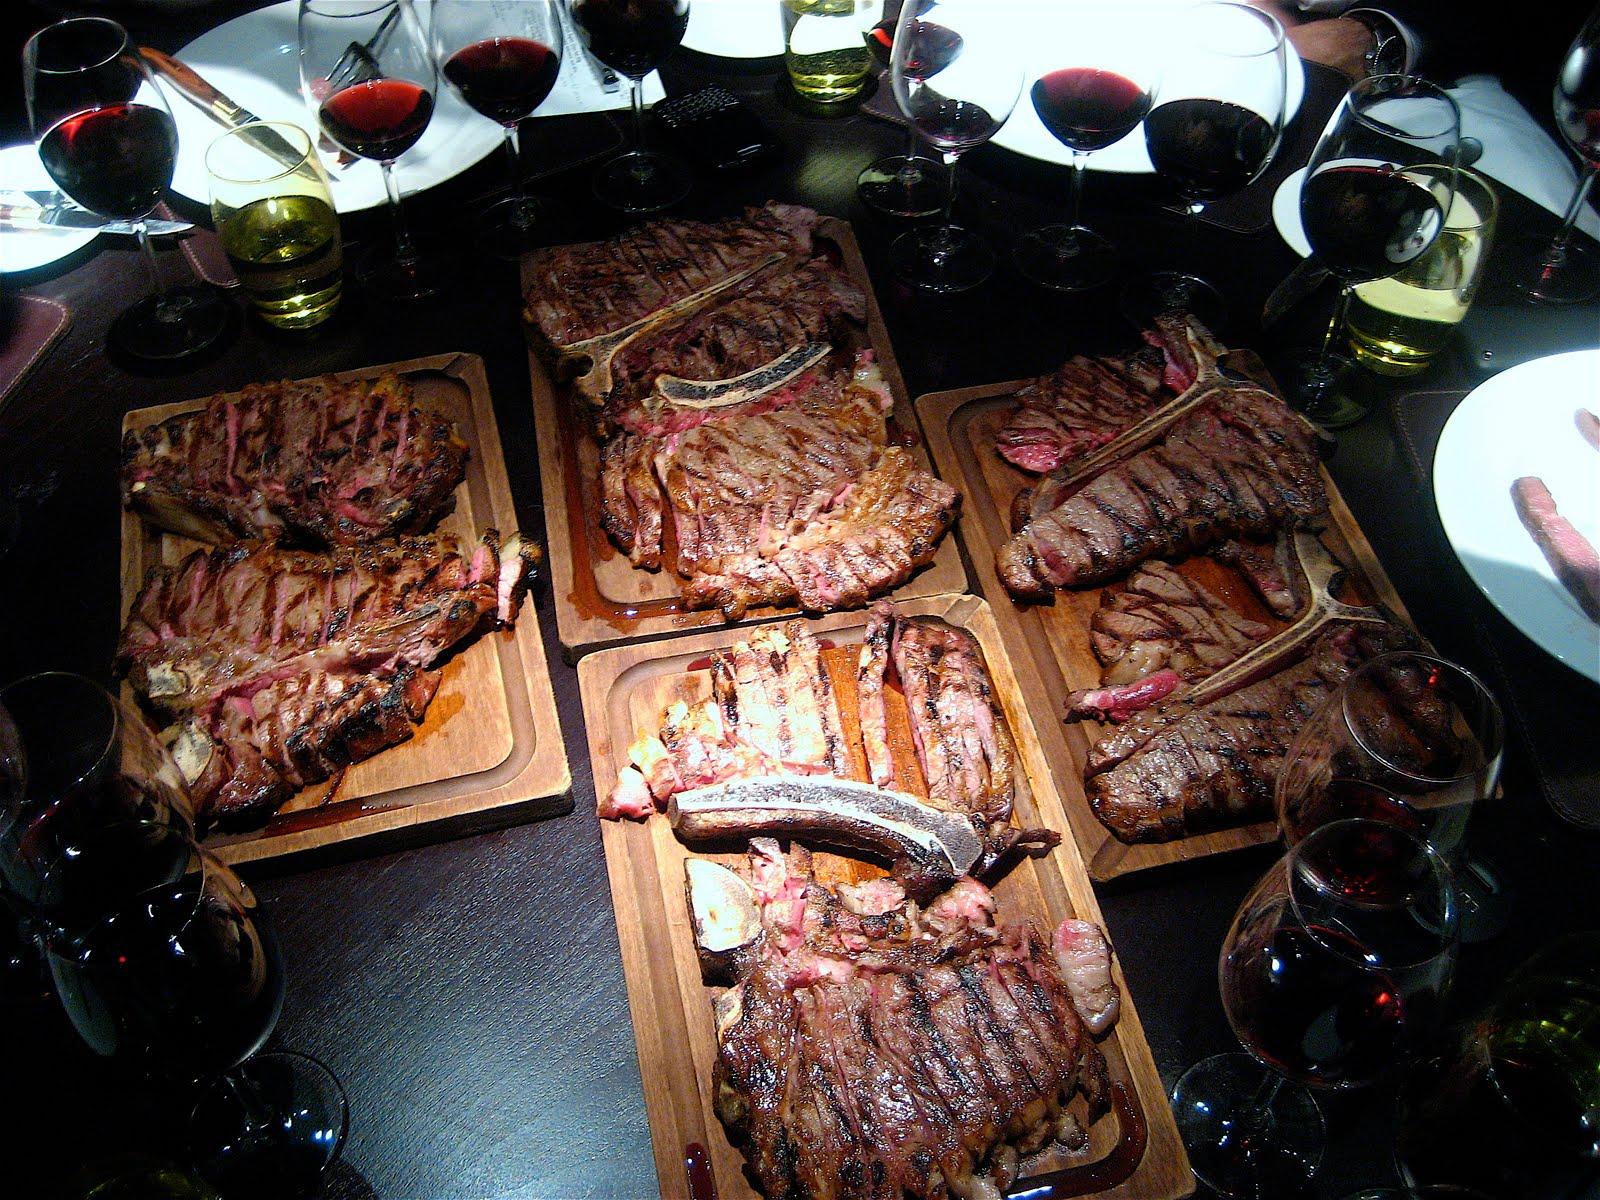 Greedy diva chapters all day dining meat binge in blackheath for Porterhouse steak vs t bone